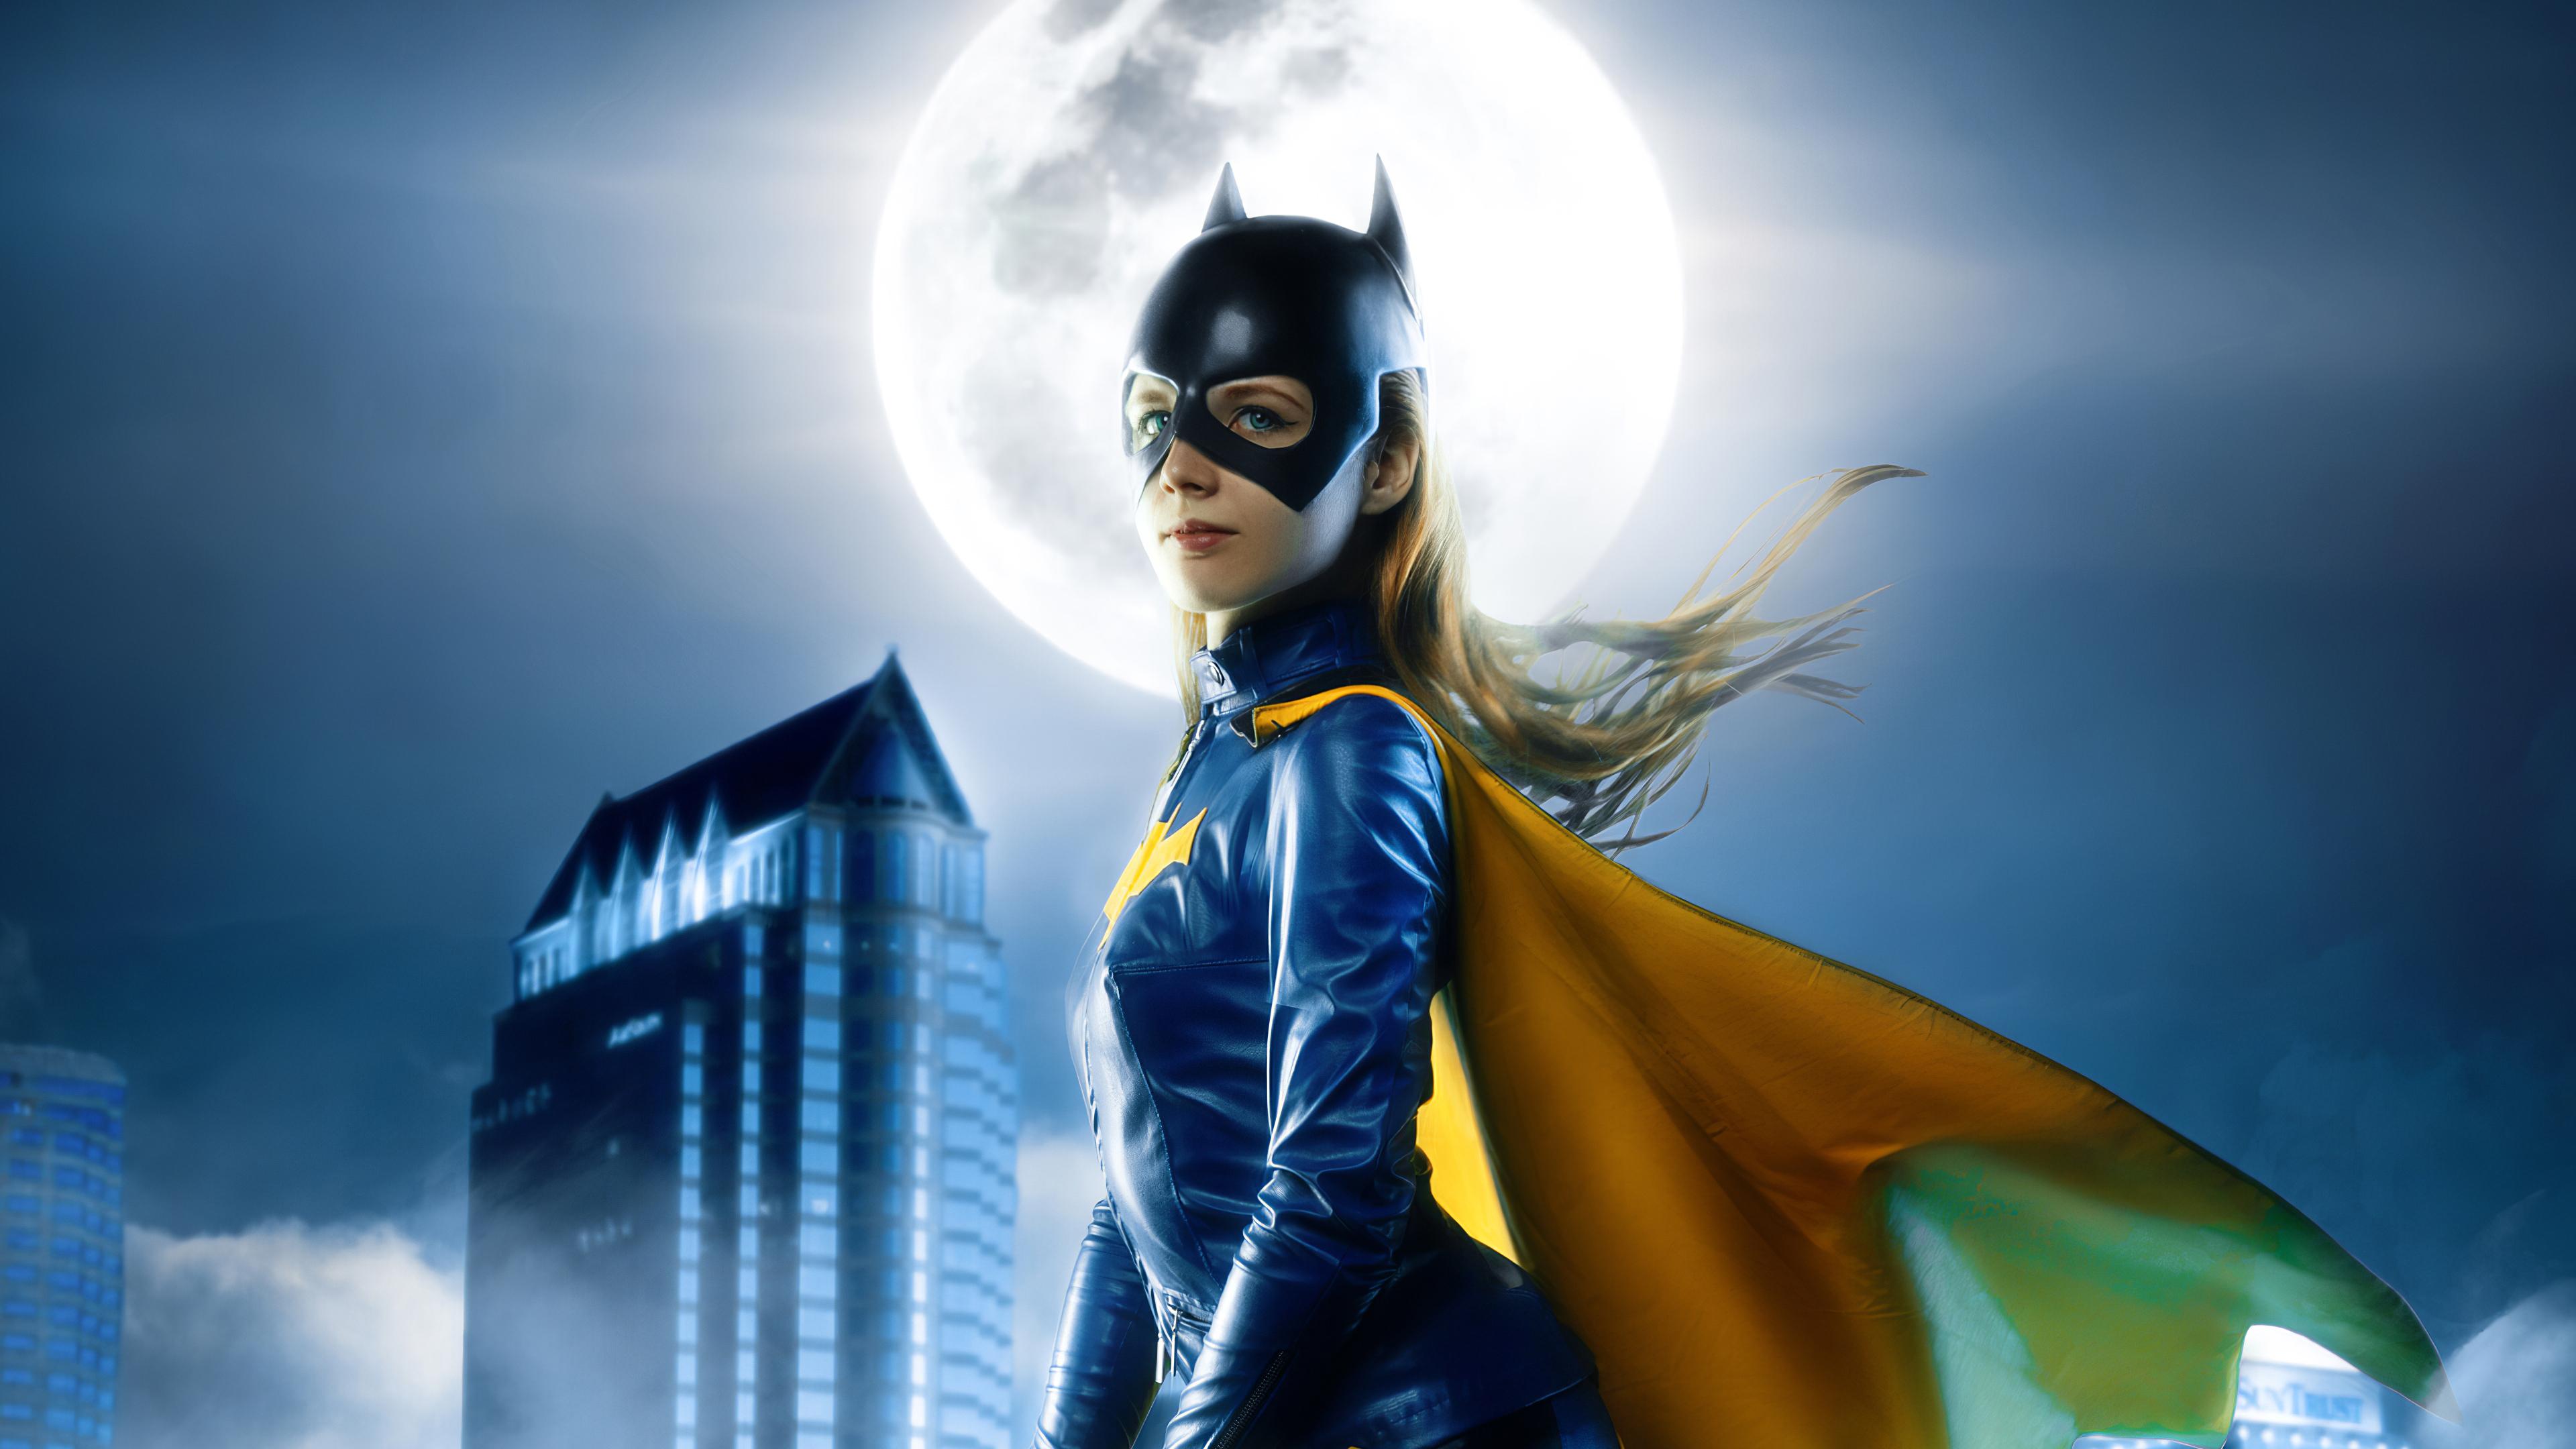 Fondos de pantalla Batwoman durante la noche